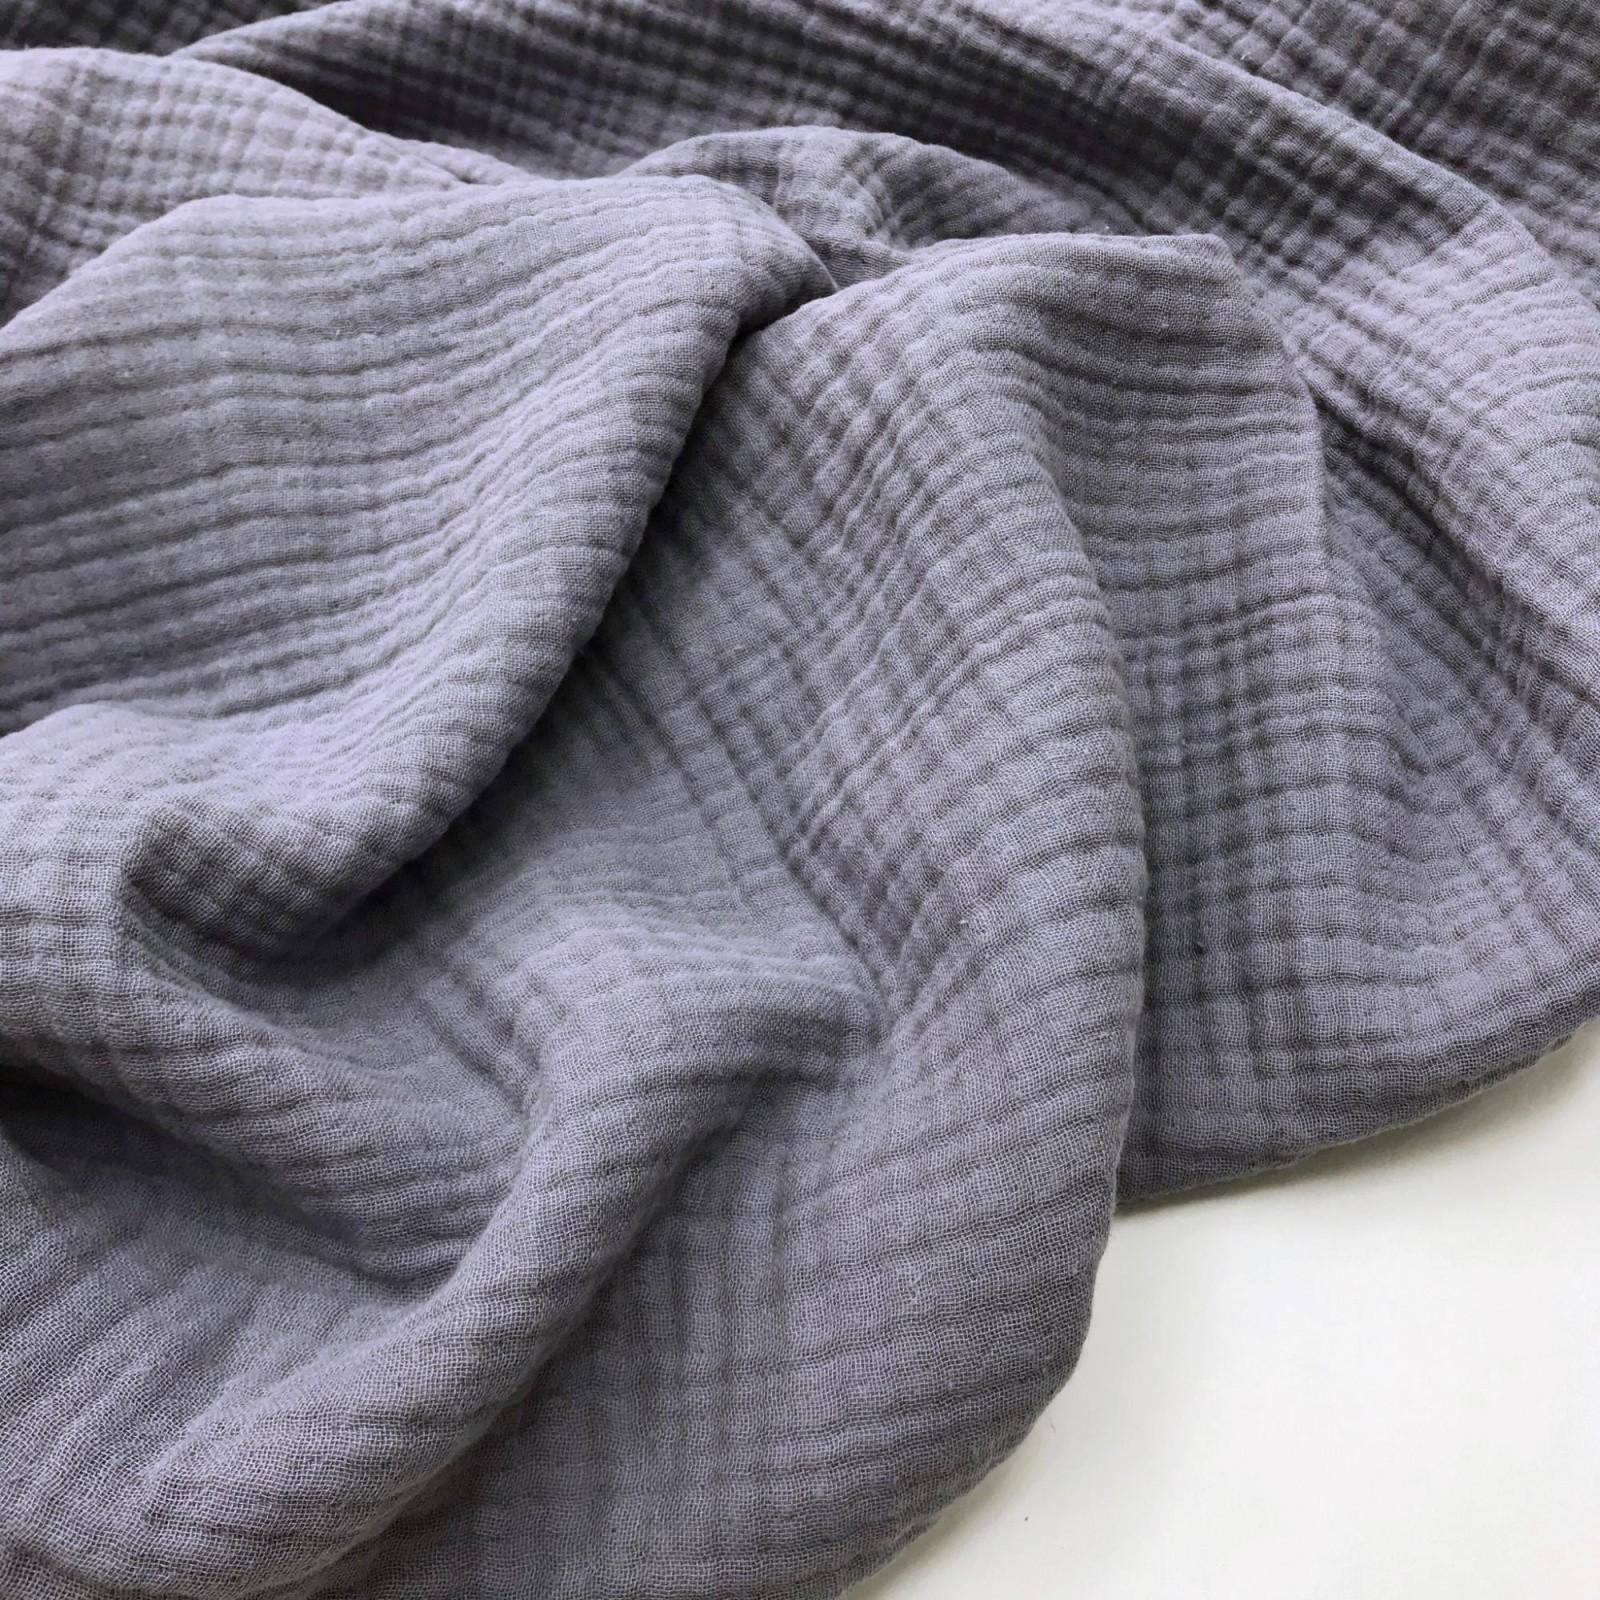 Муслин двухслойный купить в москве дублирующая ткань купить